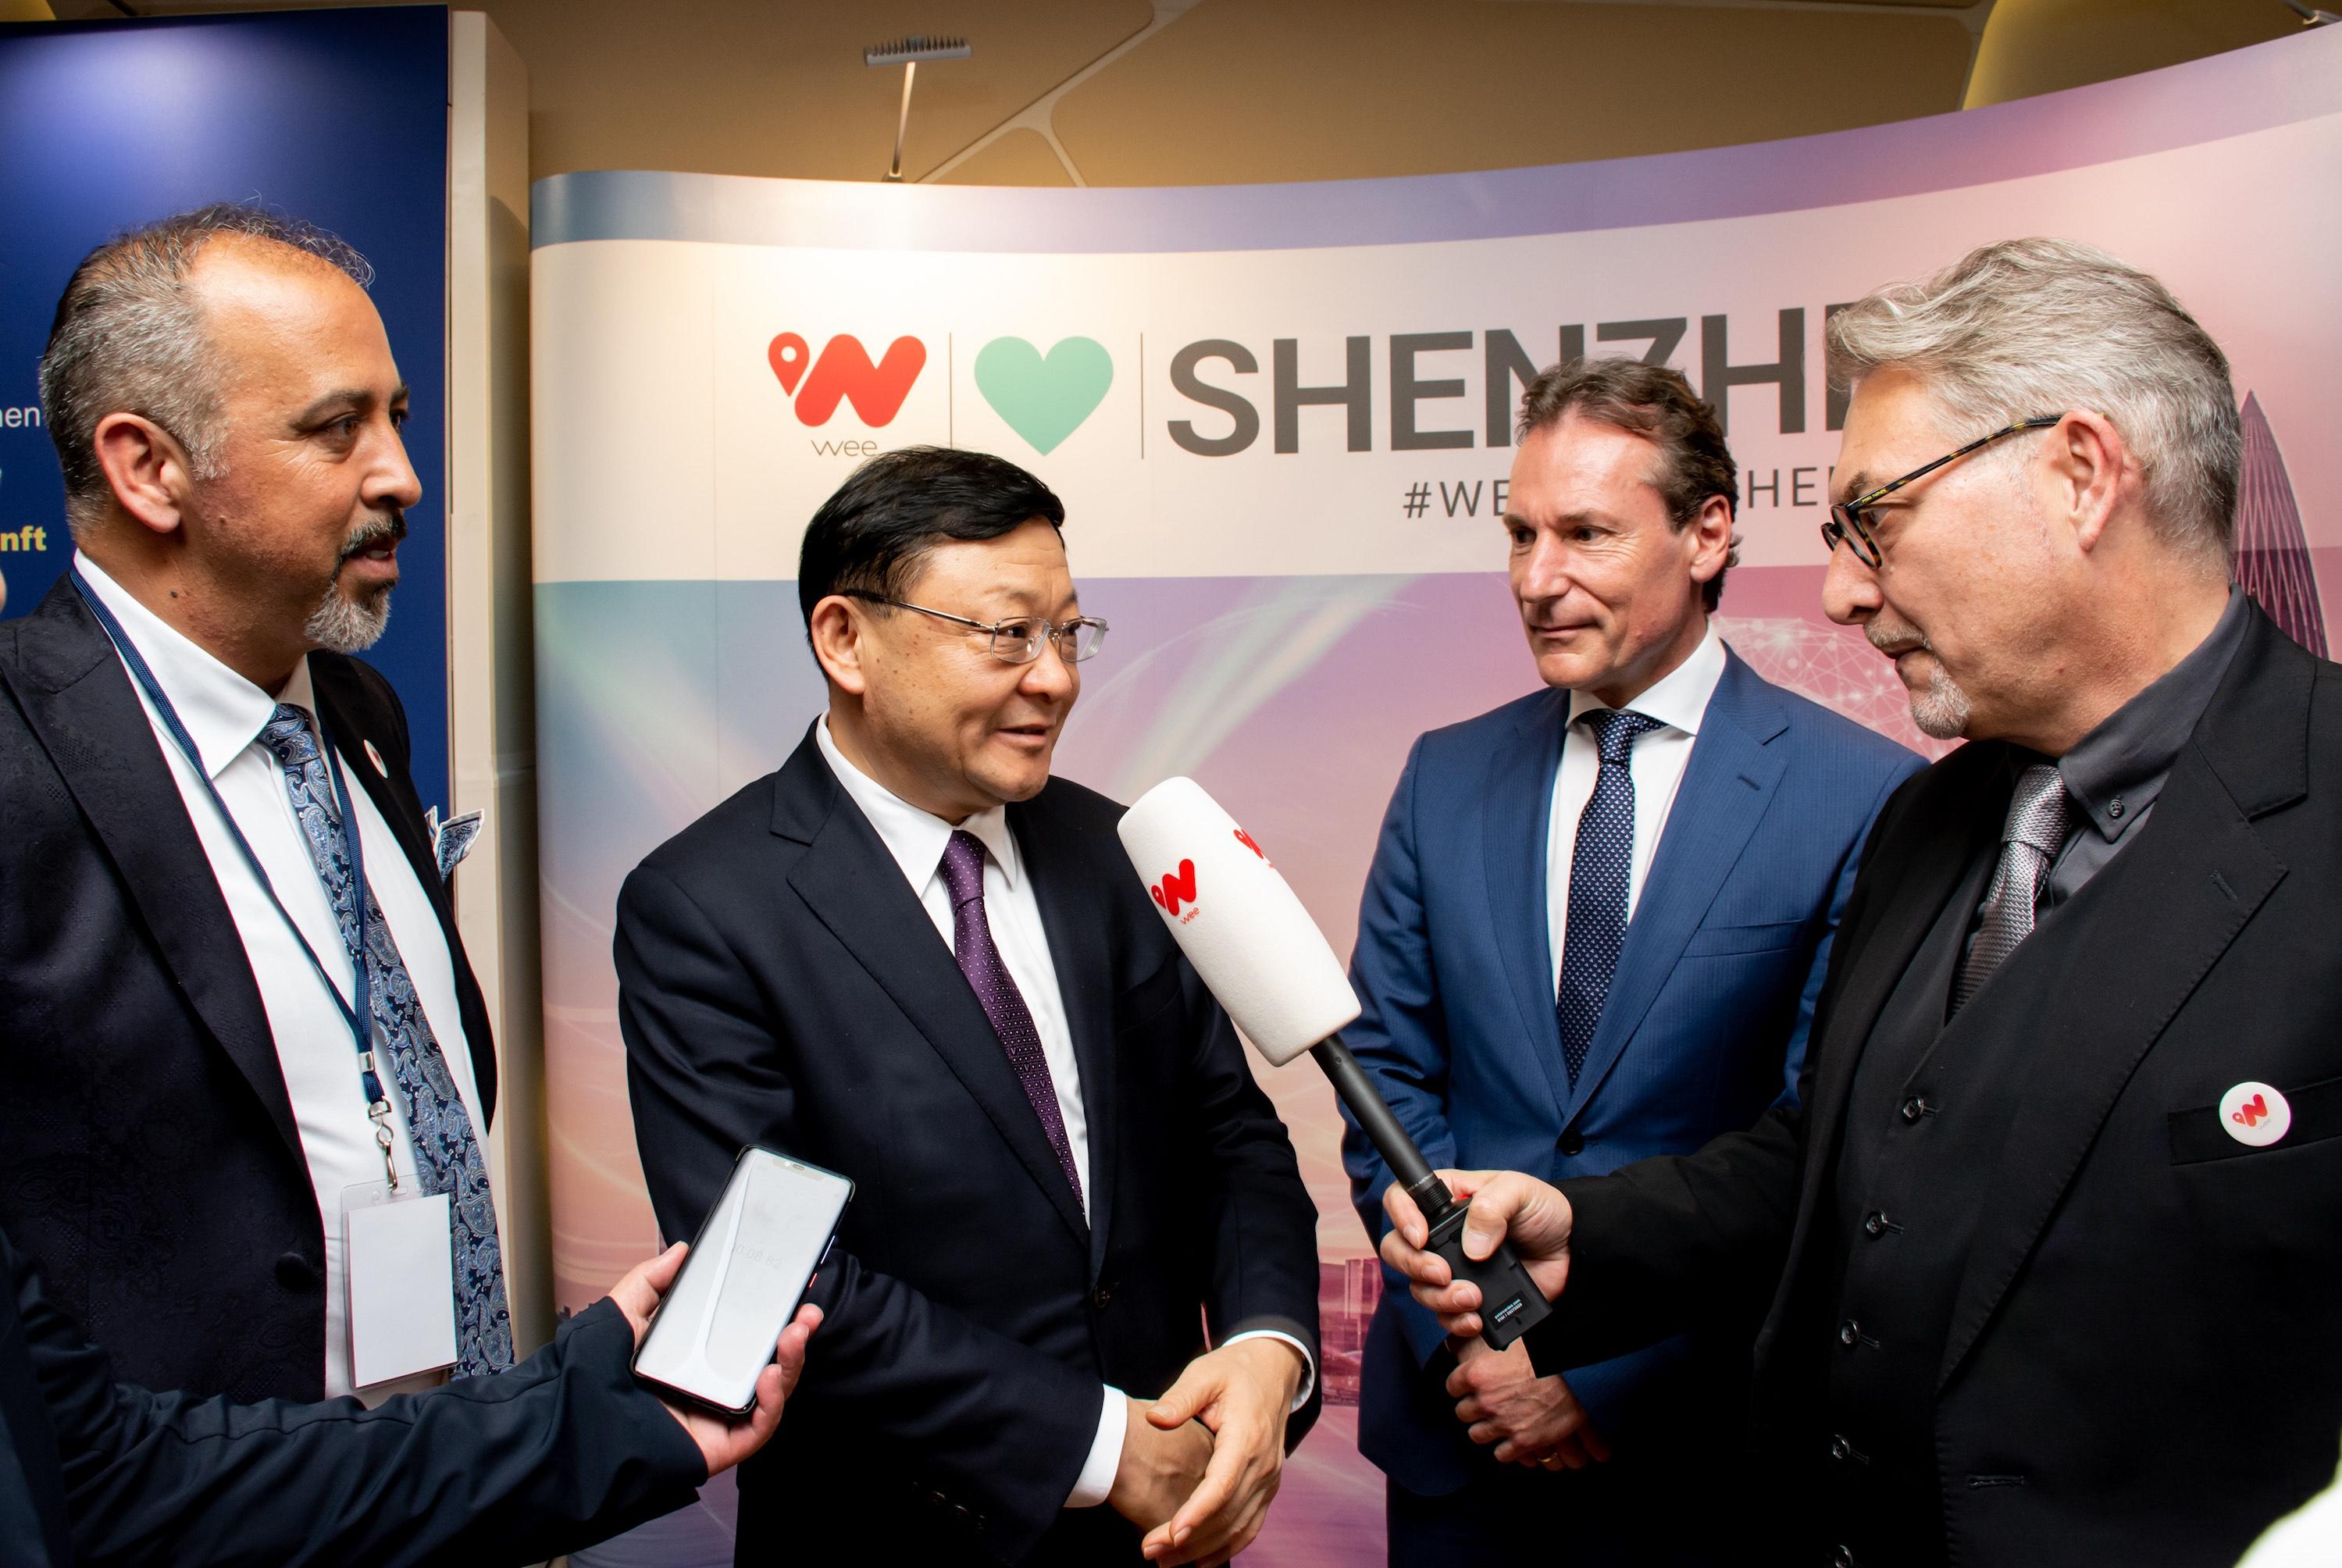 Unternehmer Ehliz positioniert seine globale Vision für Boomtown Shenzhen